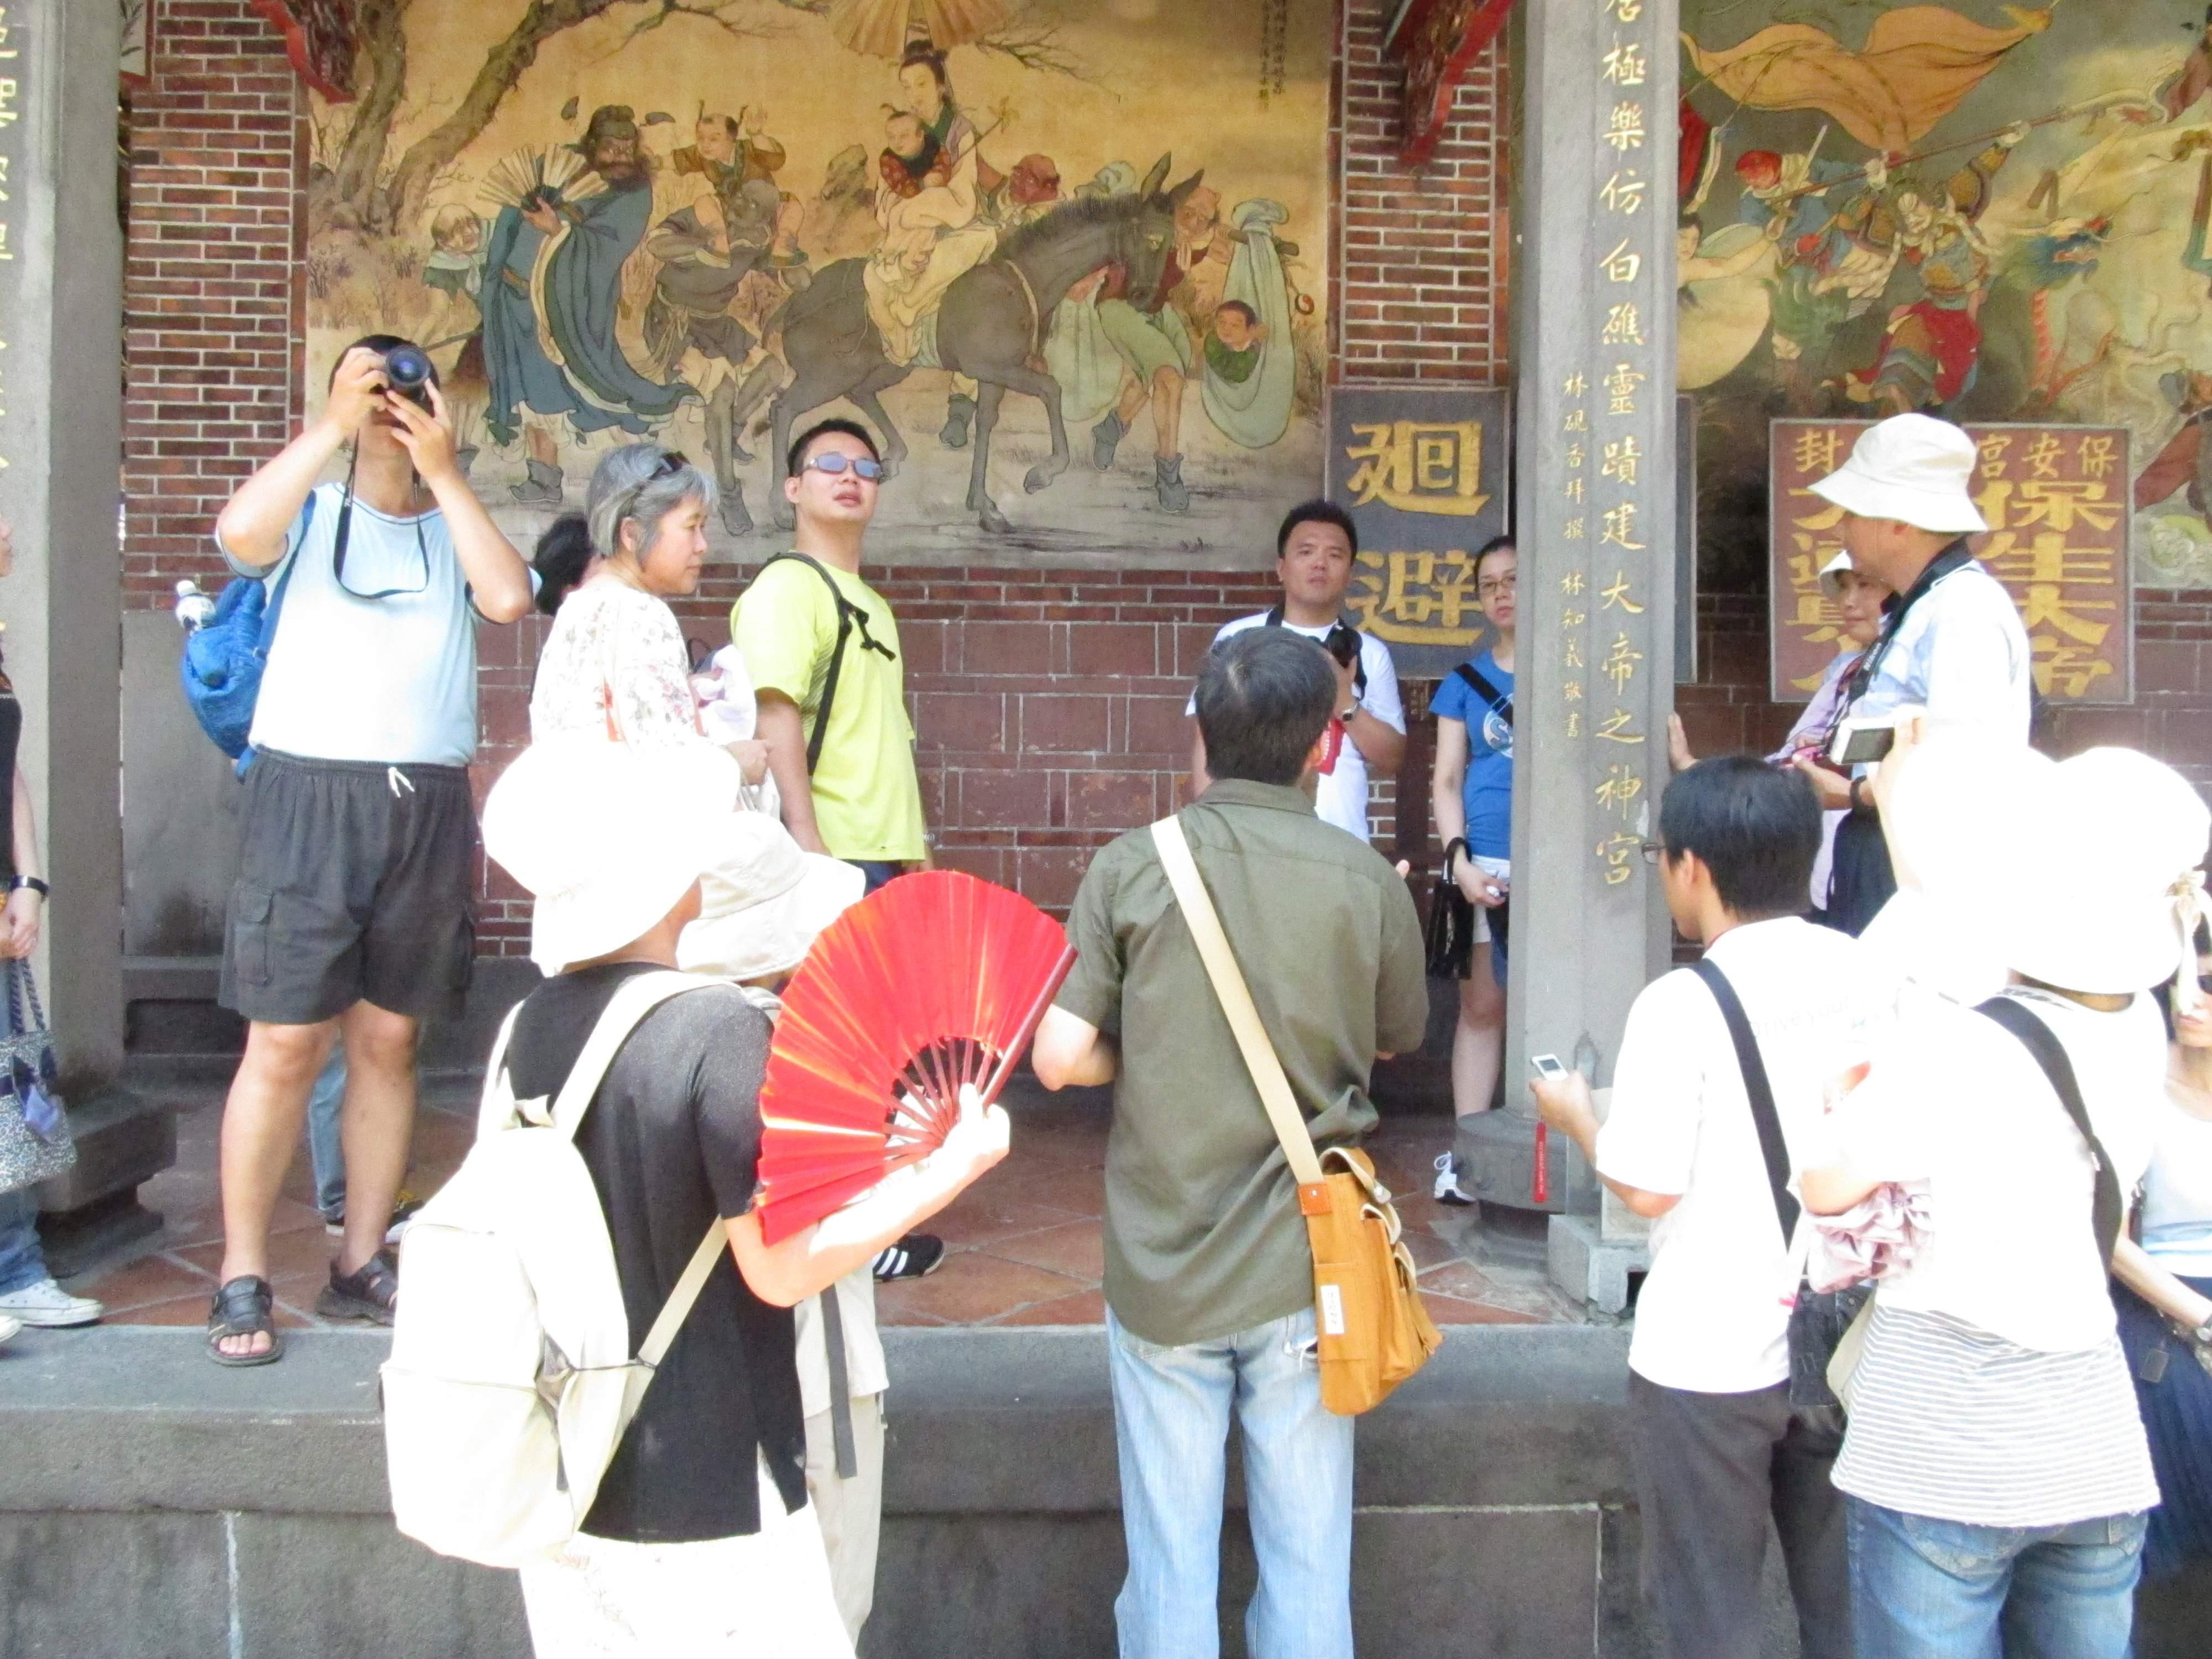 圖表:「看一段八佾舞~大龍峒」線,張崑振老師講解保安宮潘麗水的壁畫。